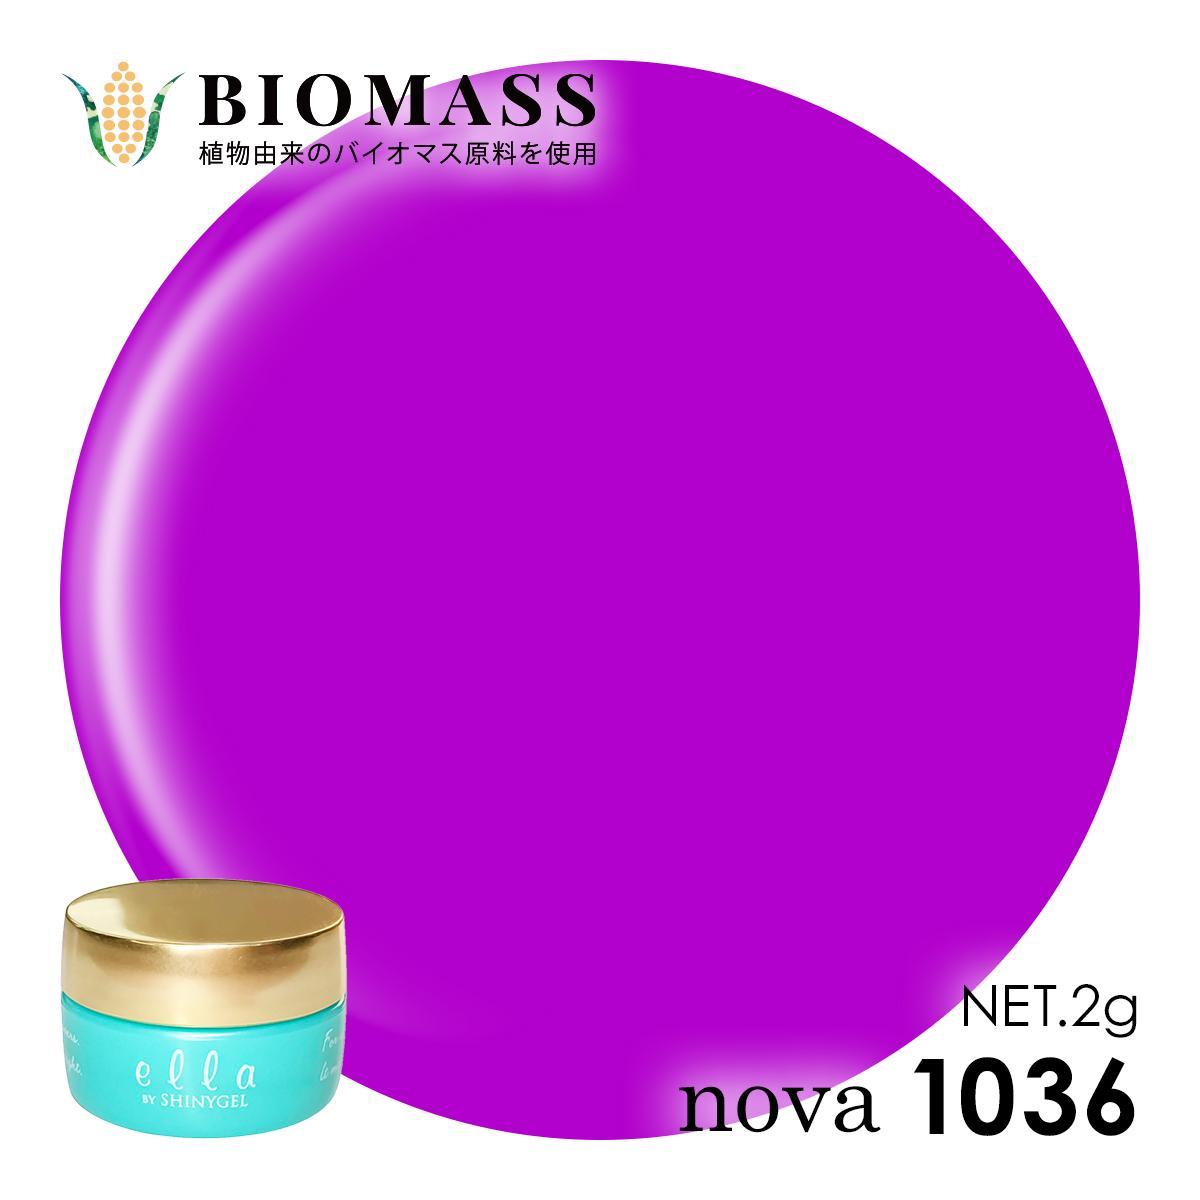 ella BY SHINYGEL nova:カラージェル 1036 ネオンパープル(エラバイシャイニージェルノヴァ)[UVLED対応○] $